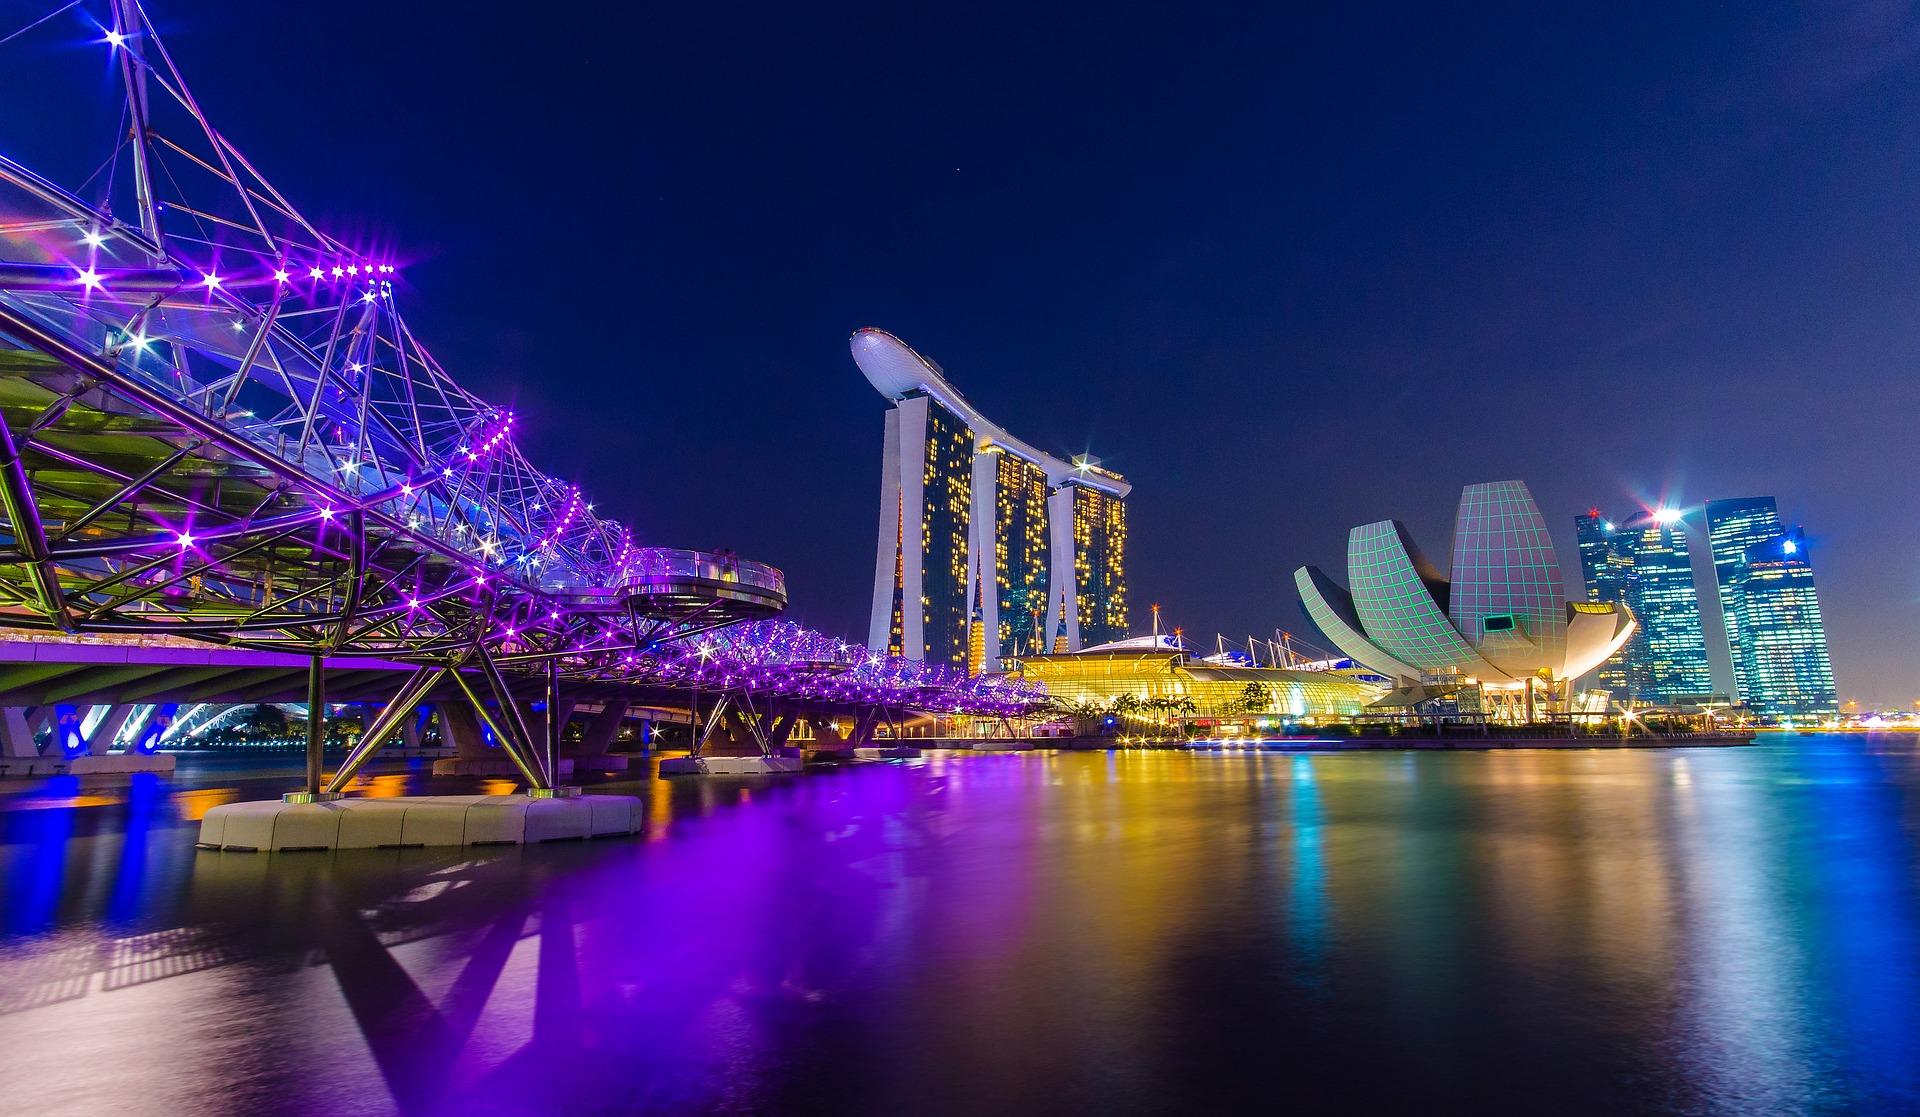 AGGIORNAMENTI DA SINGAPORE: Nuove Decisioni Della Commissione Del PDPC